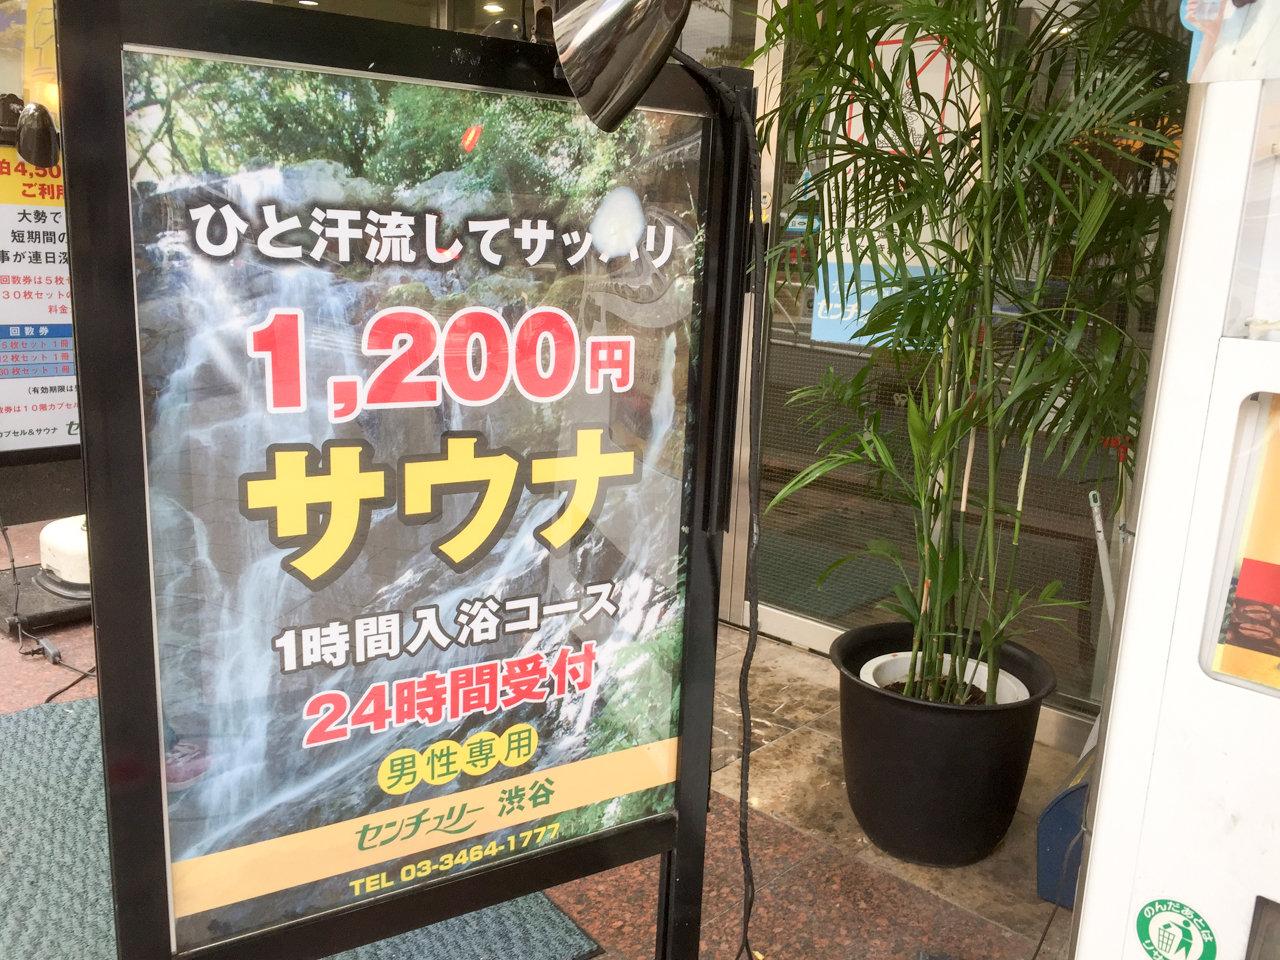 渋谷でサウナなら道玄坂のセンチュリー渋谷が近くて便利